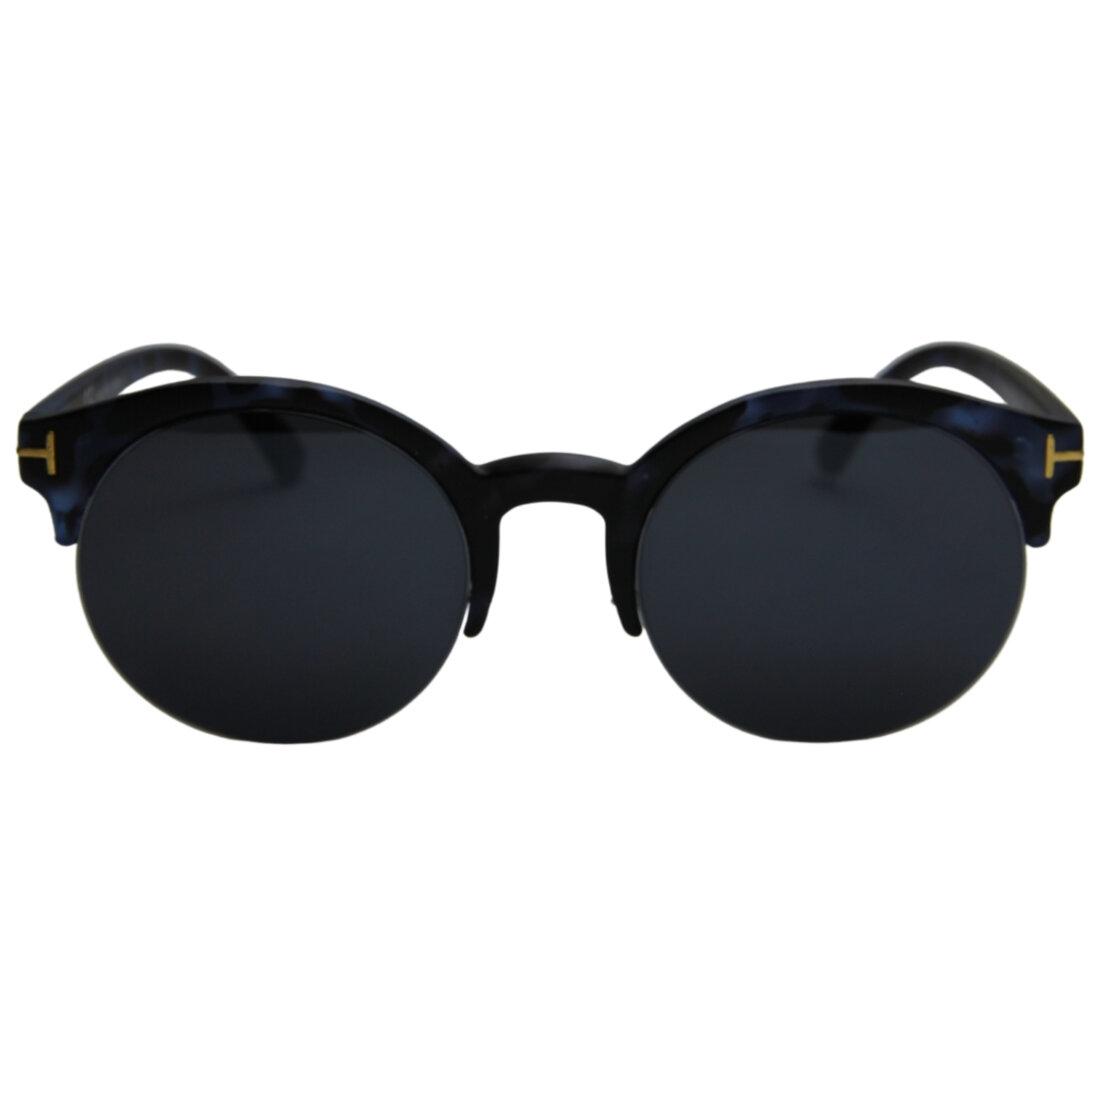 Óculos de Sol Khatto Retrô Chic Chic Vintage - C118